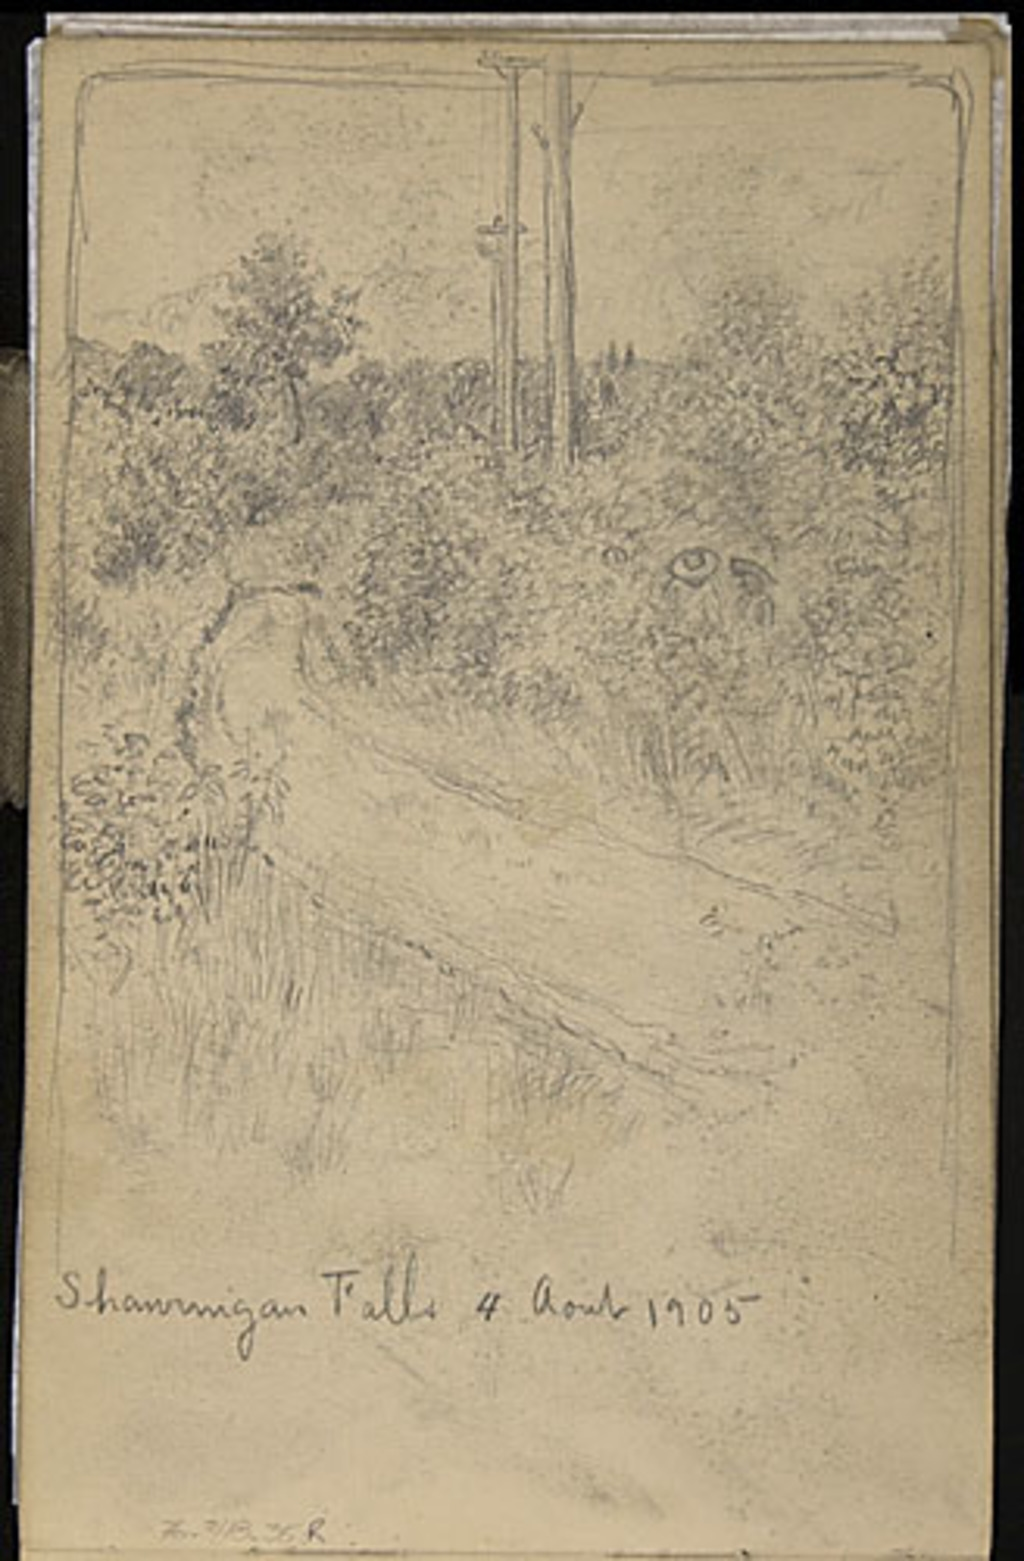 Chemin dans les bosquets, à Shawinigan Falls